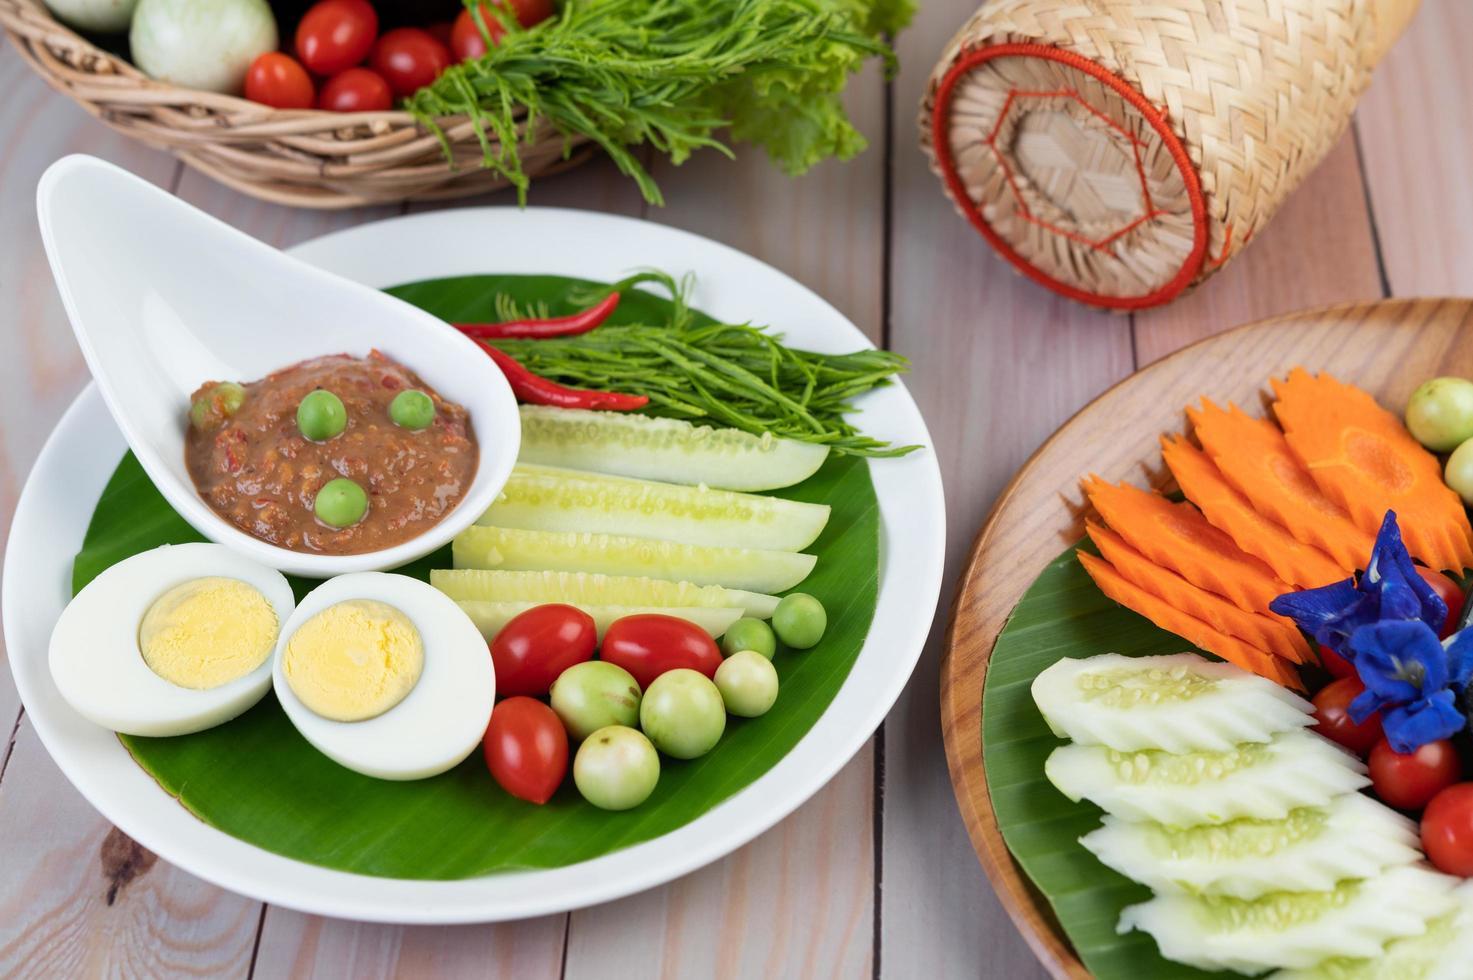 pasta di pasta di peperoncino in una ciotola con melanzane, carote, peperoncino e cetrioli in un cestino foto